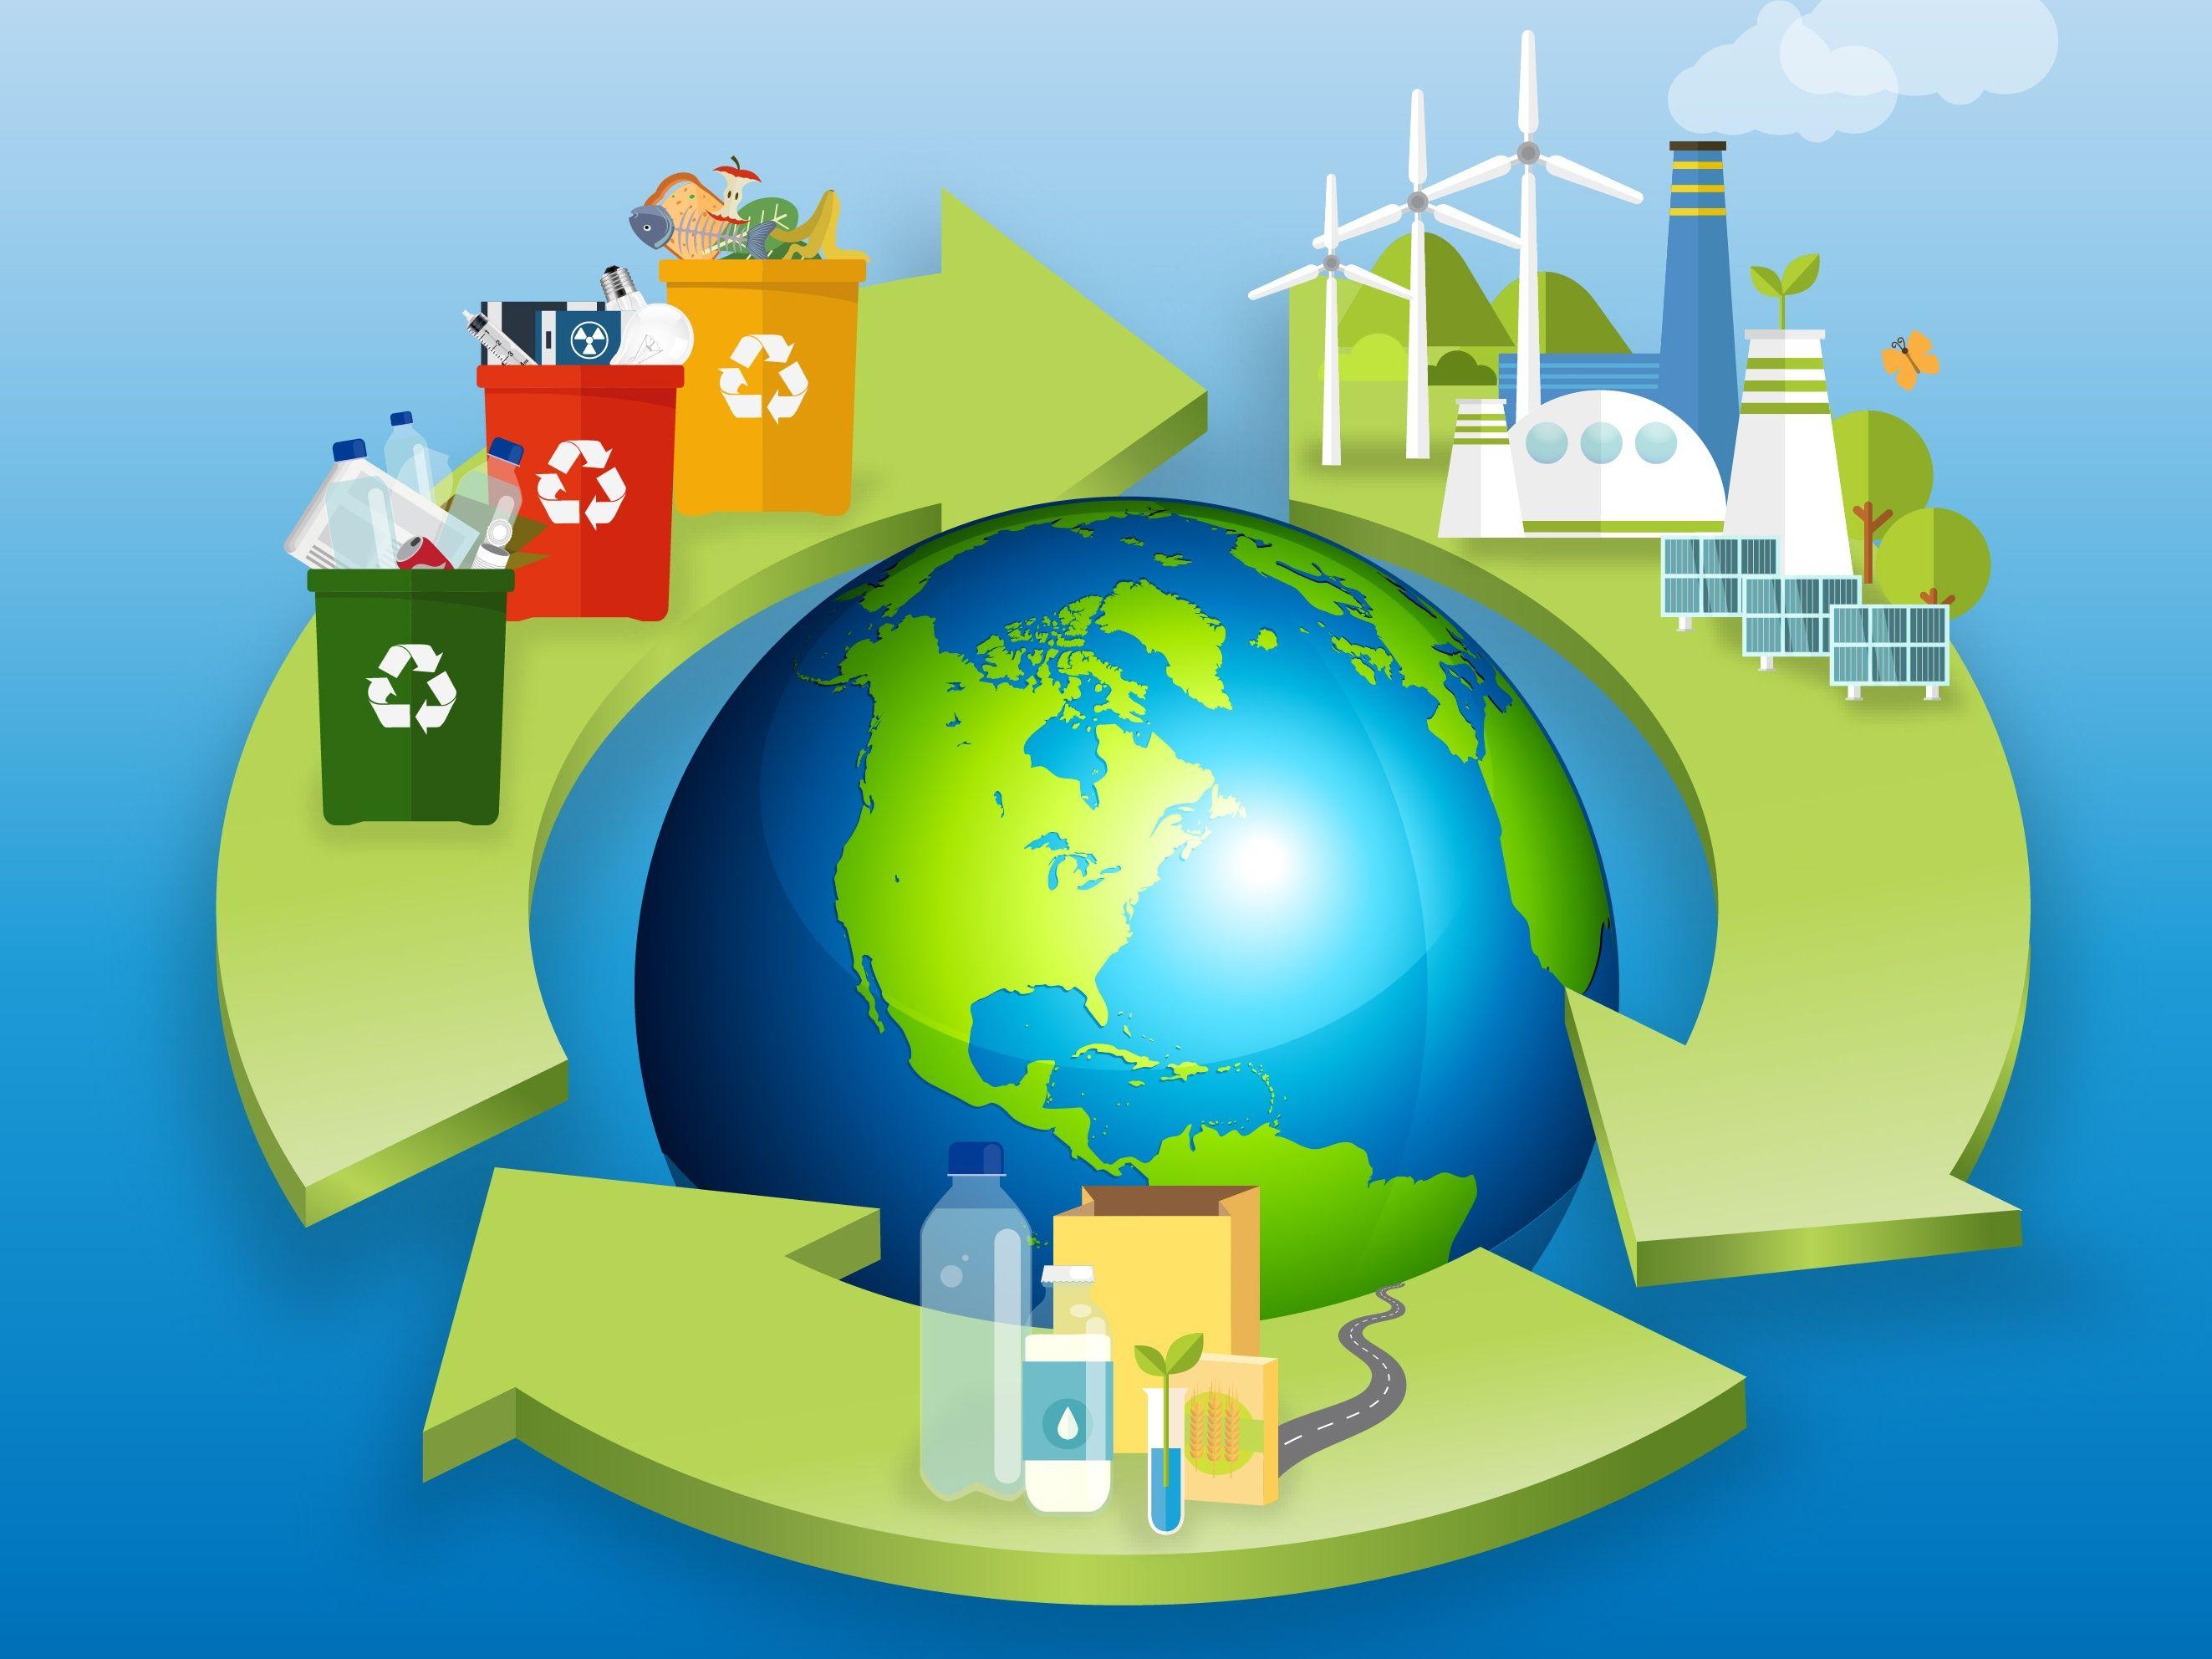 První celosvětový online Summit o adaptaci na změnu klimatu propojil mezinárodní organizace, vlády, vědeckou sféru i představitele obcí